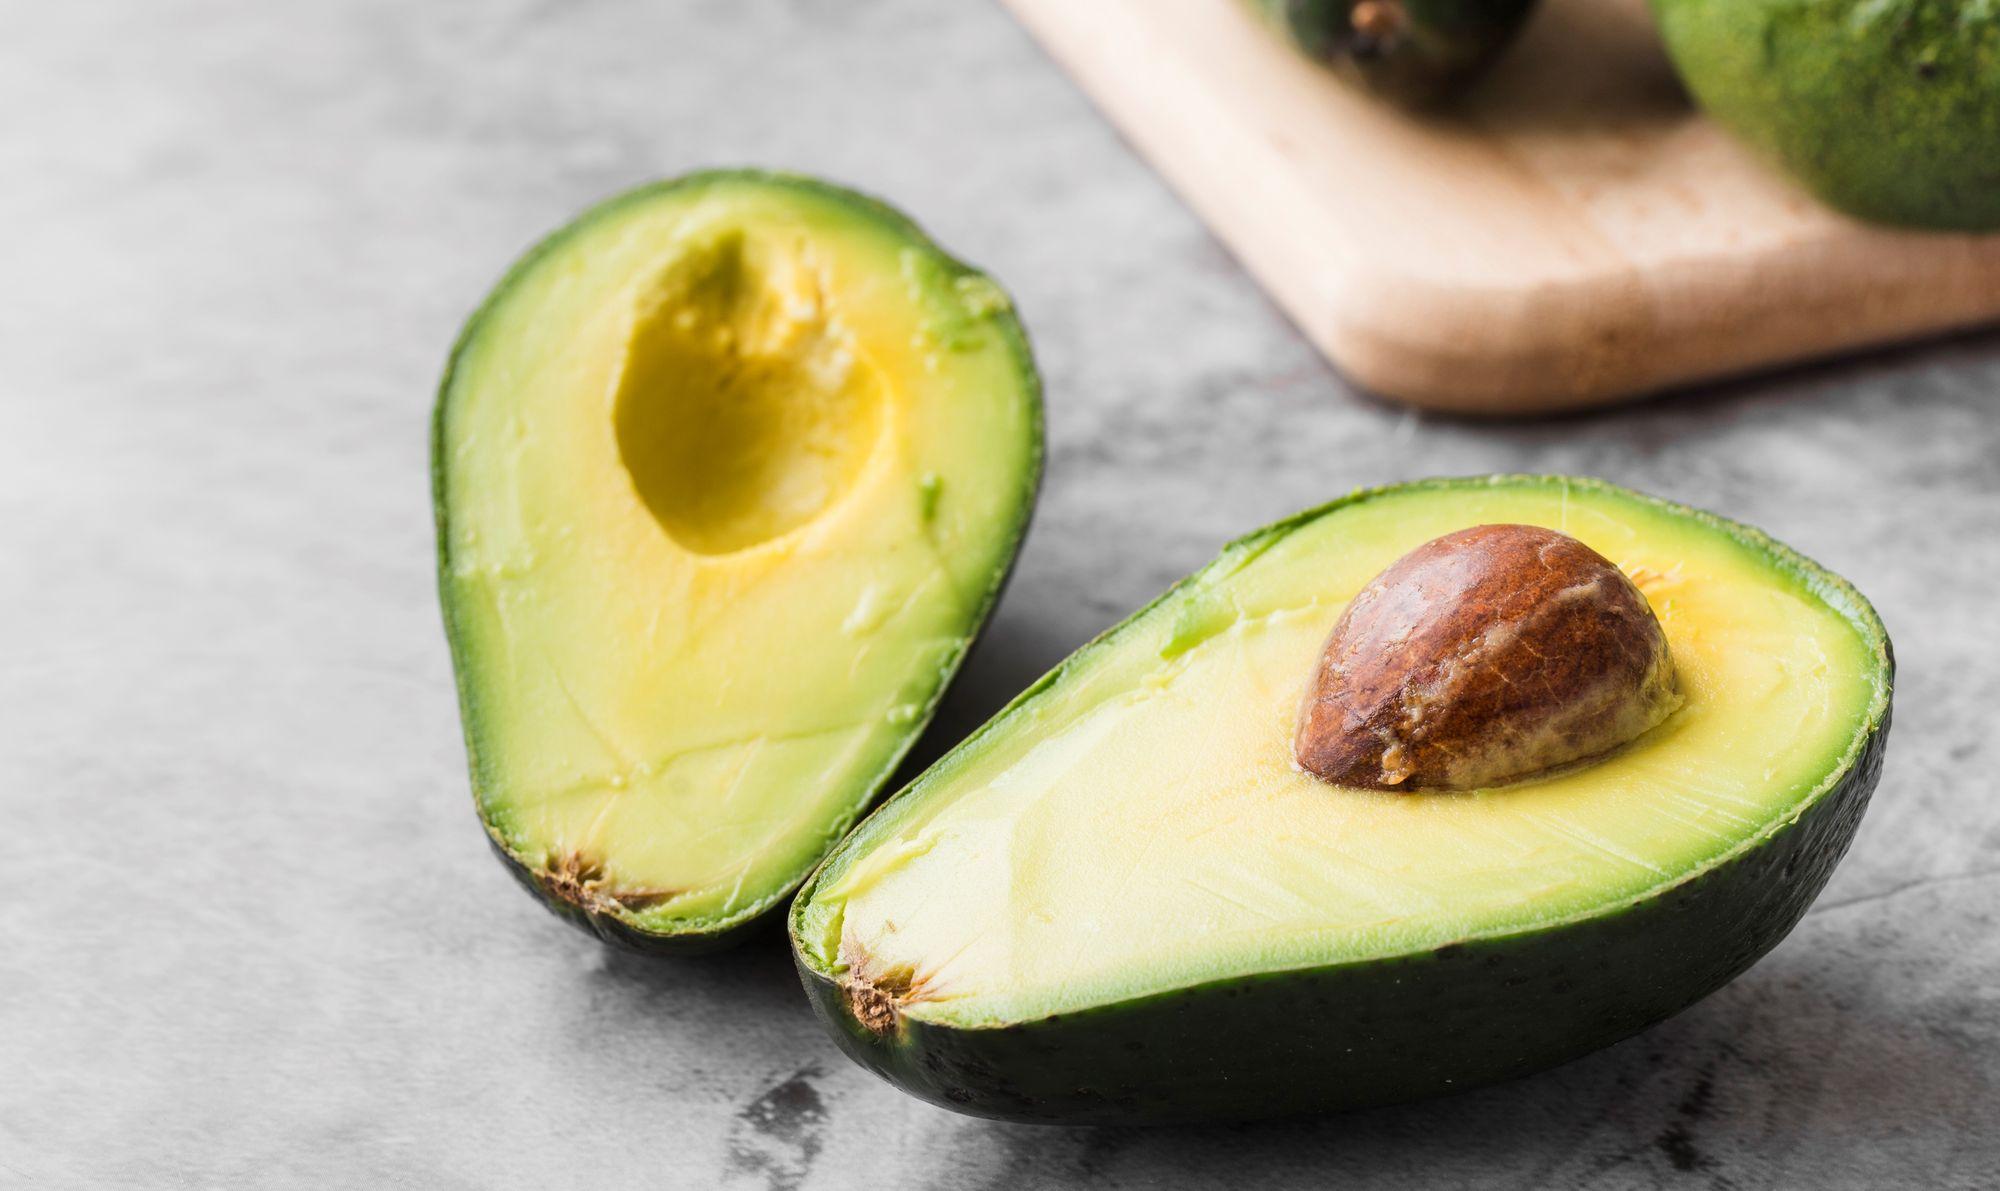 Abacate, por ser rico em Vitamina F, ajuda no combate a caspa. (Reprodução/Freepik)